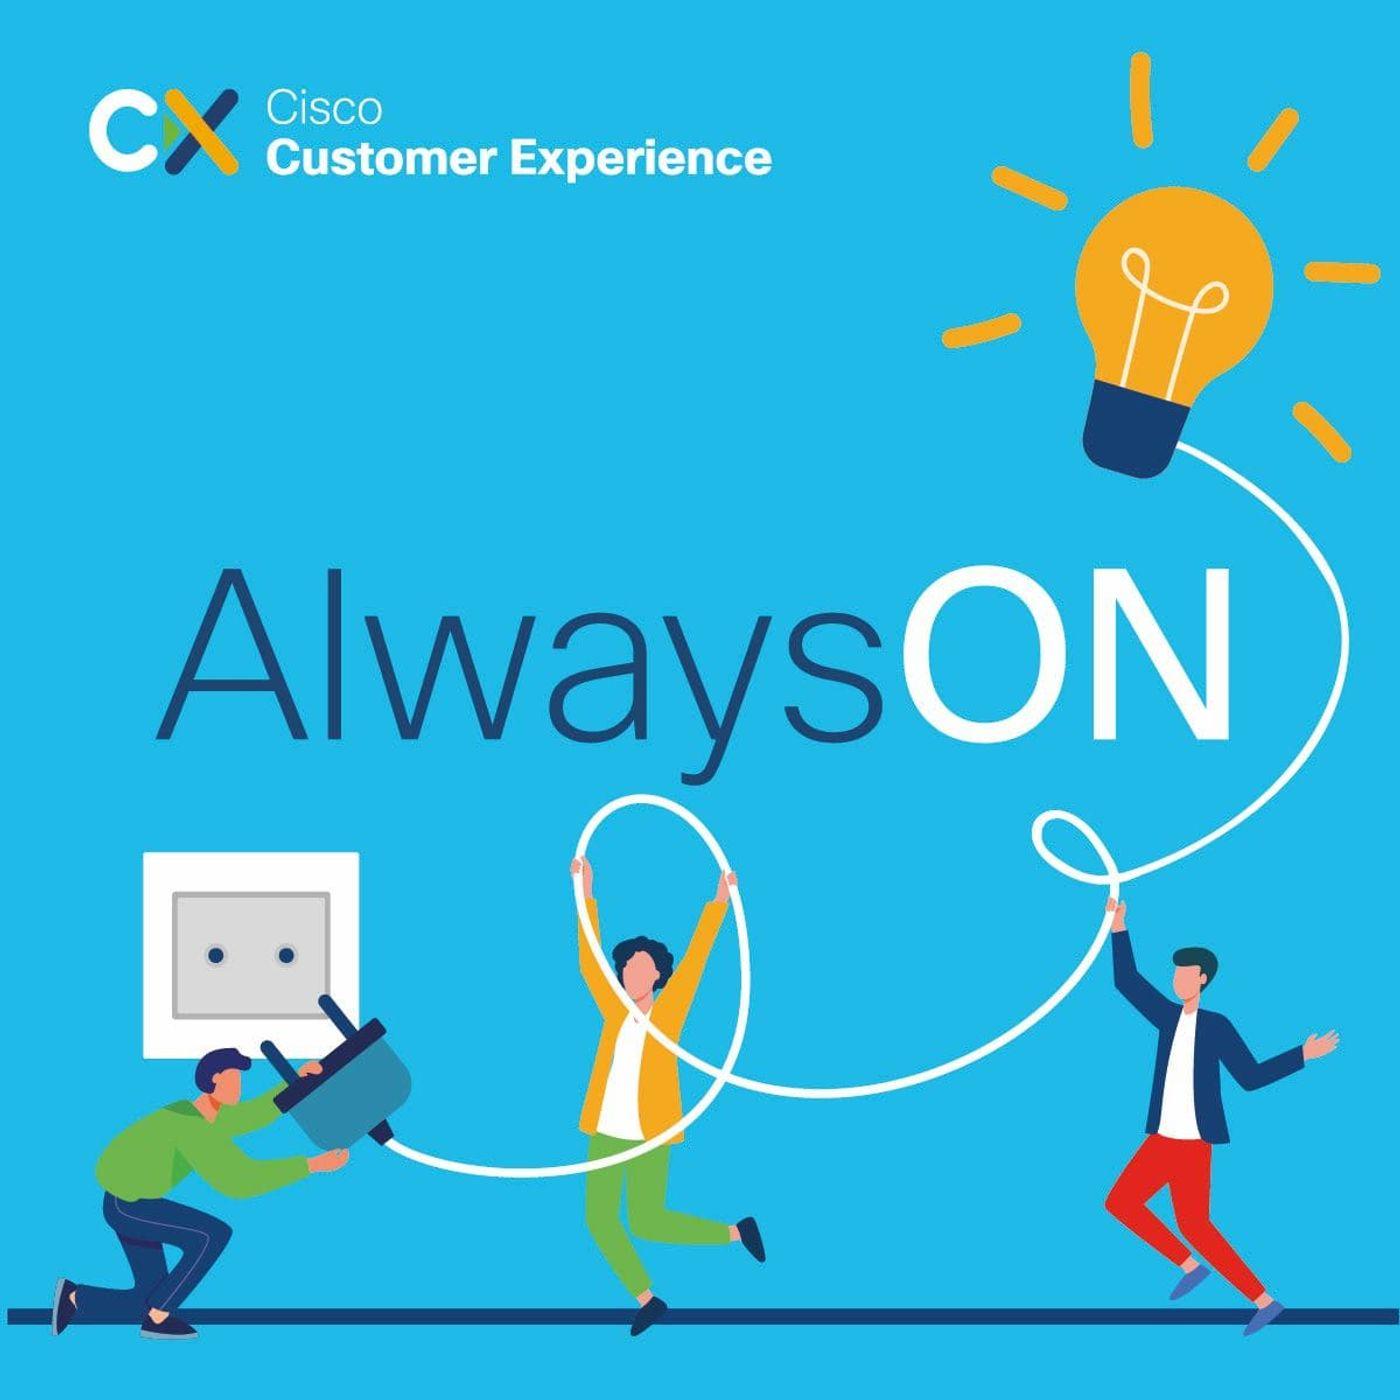 Ep. 7: ¿Clientes o colegas?: Cómo se hace customer experience hacia dentro.